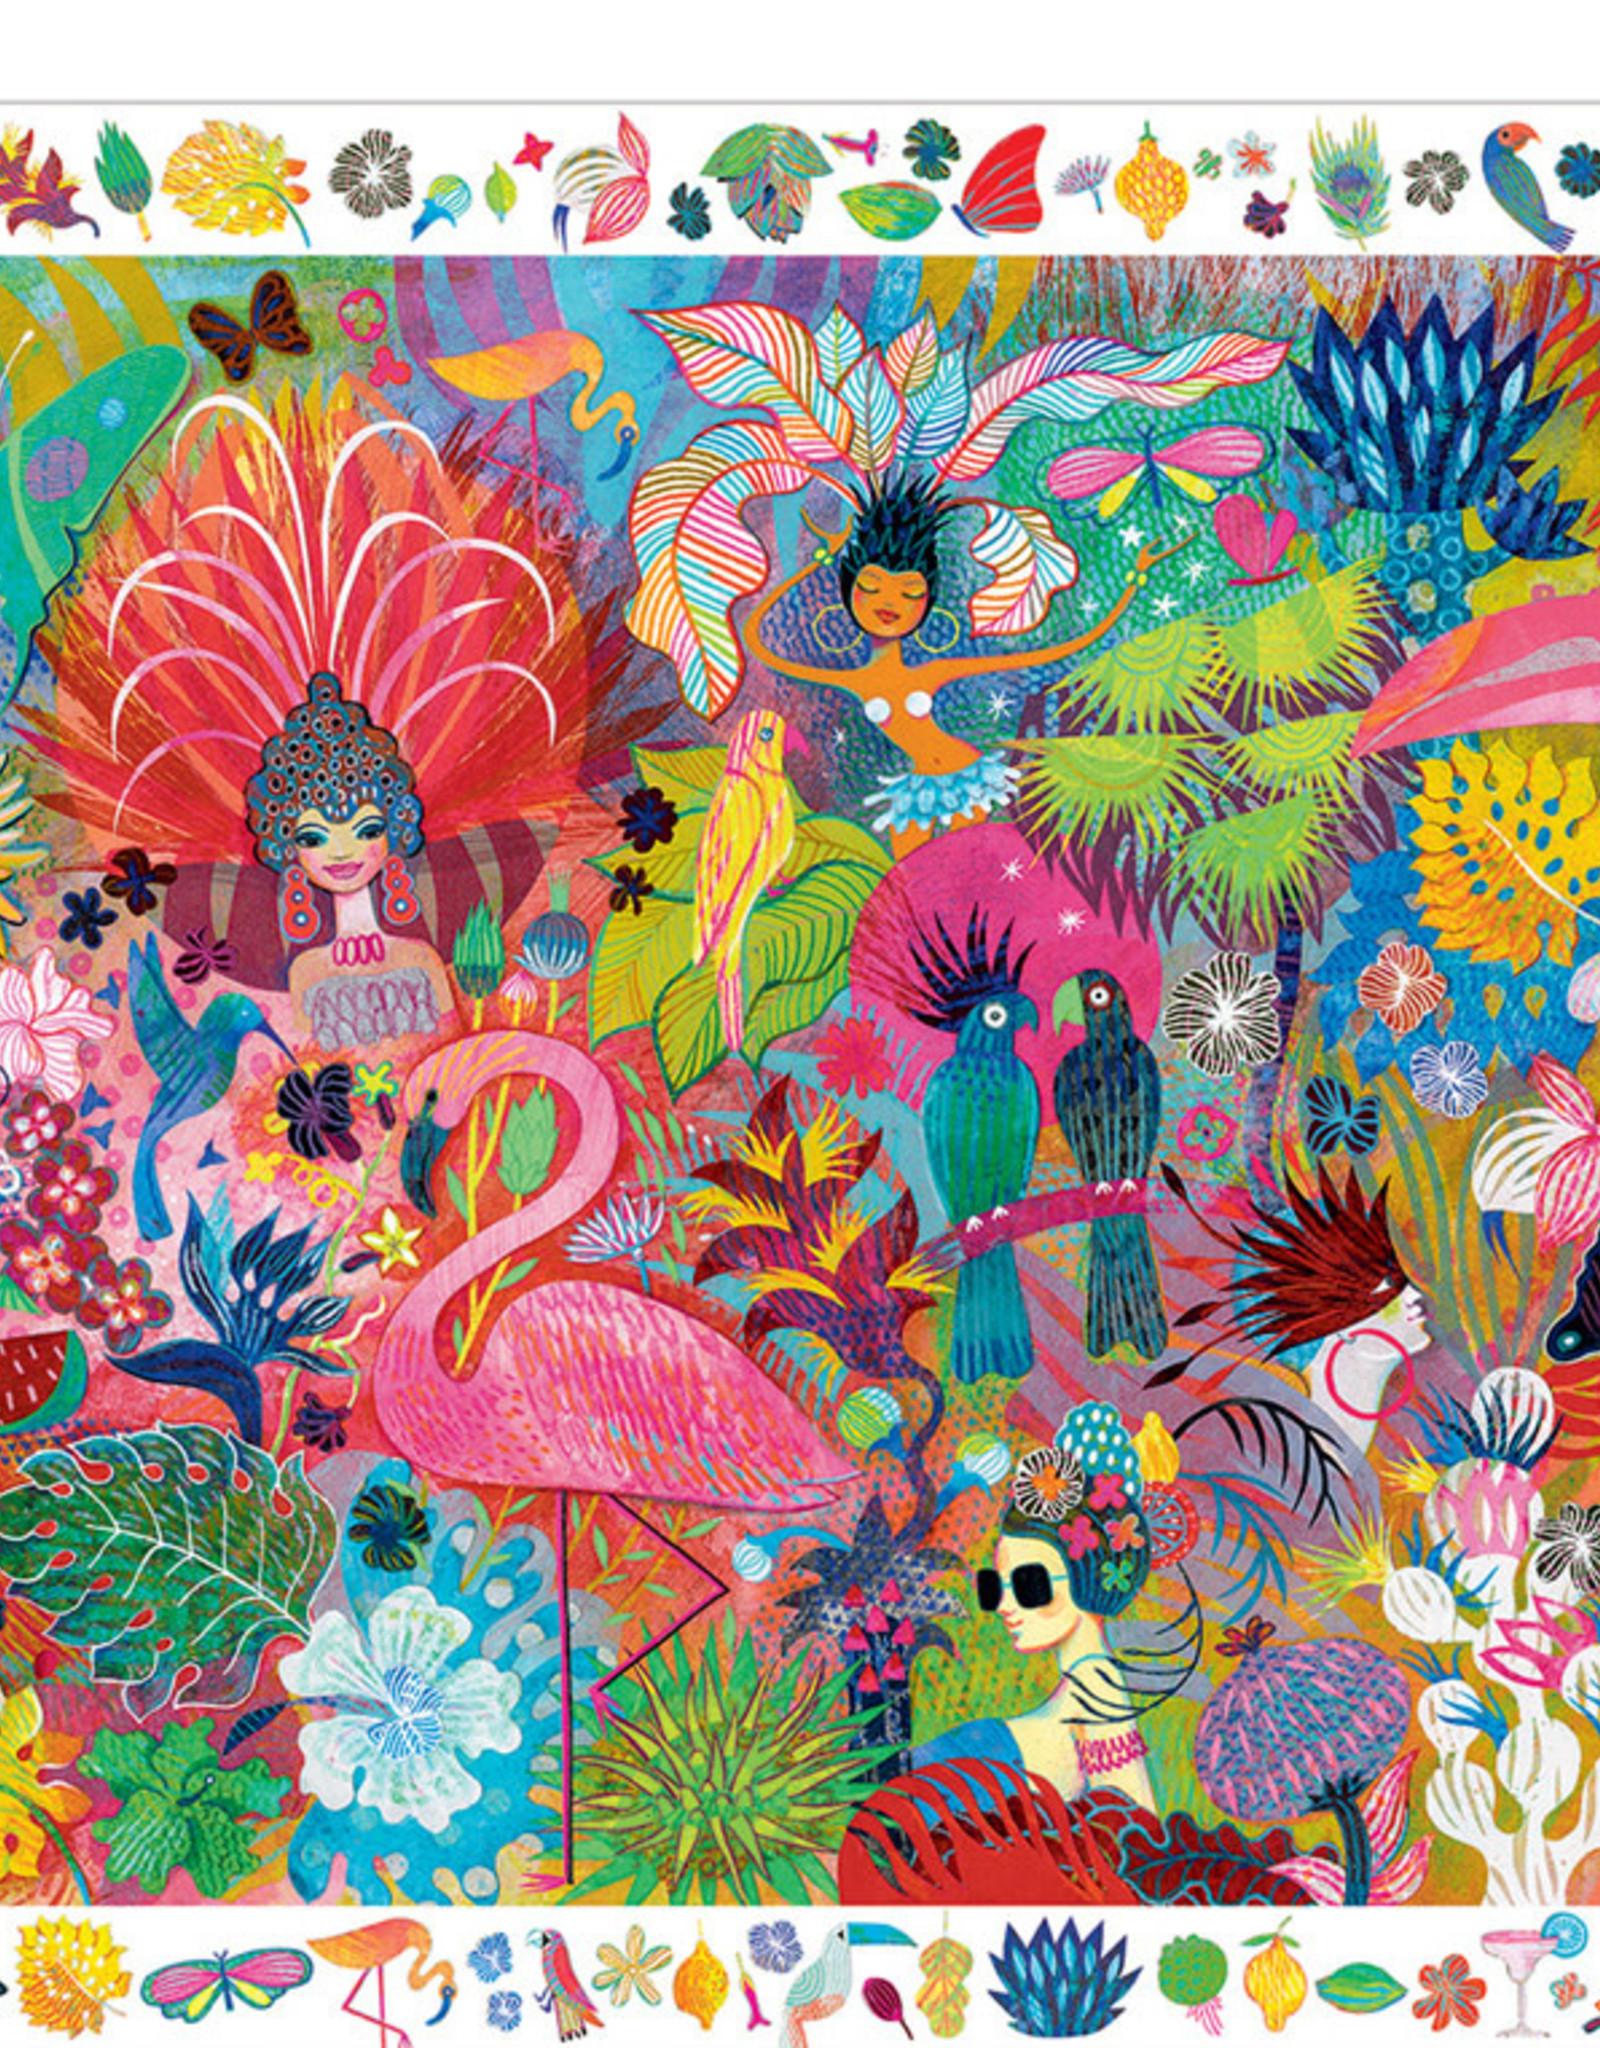 Djeco Puzzle + Poster Rio Carnival 200pc Jigsaw